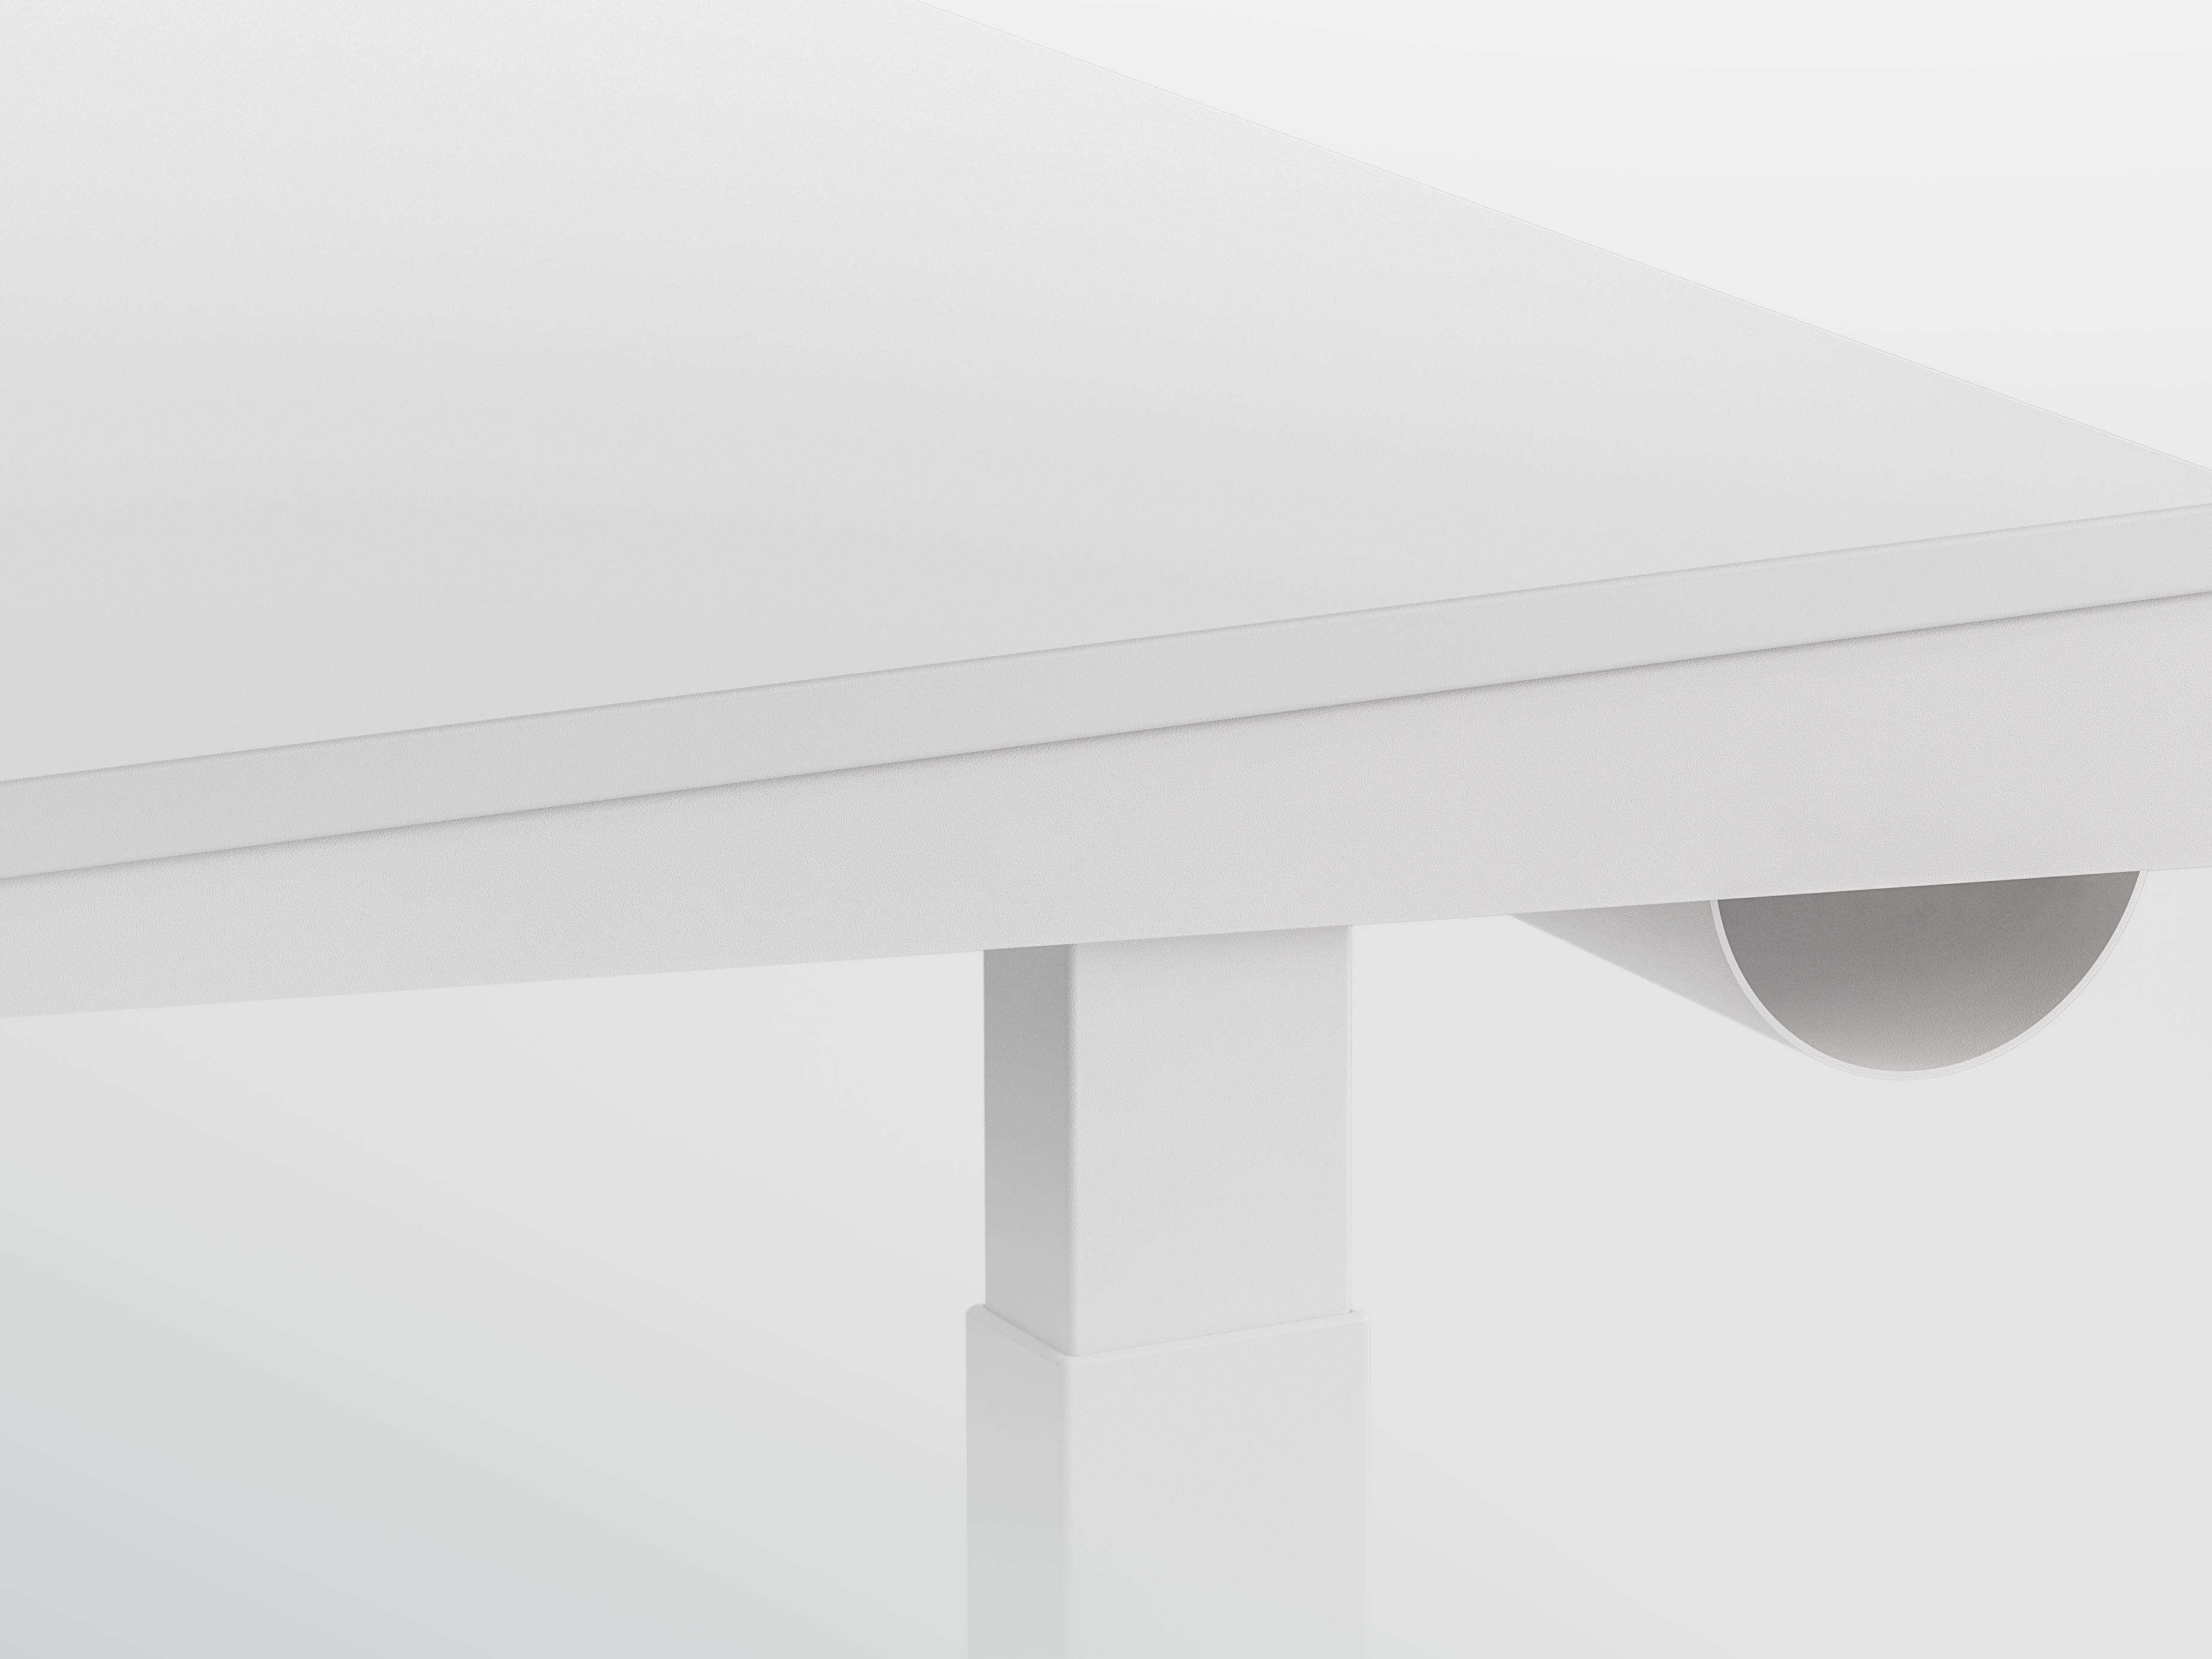 Relvaokellermann_Gumpo_steno_height adjustable table-01